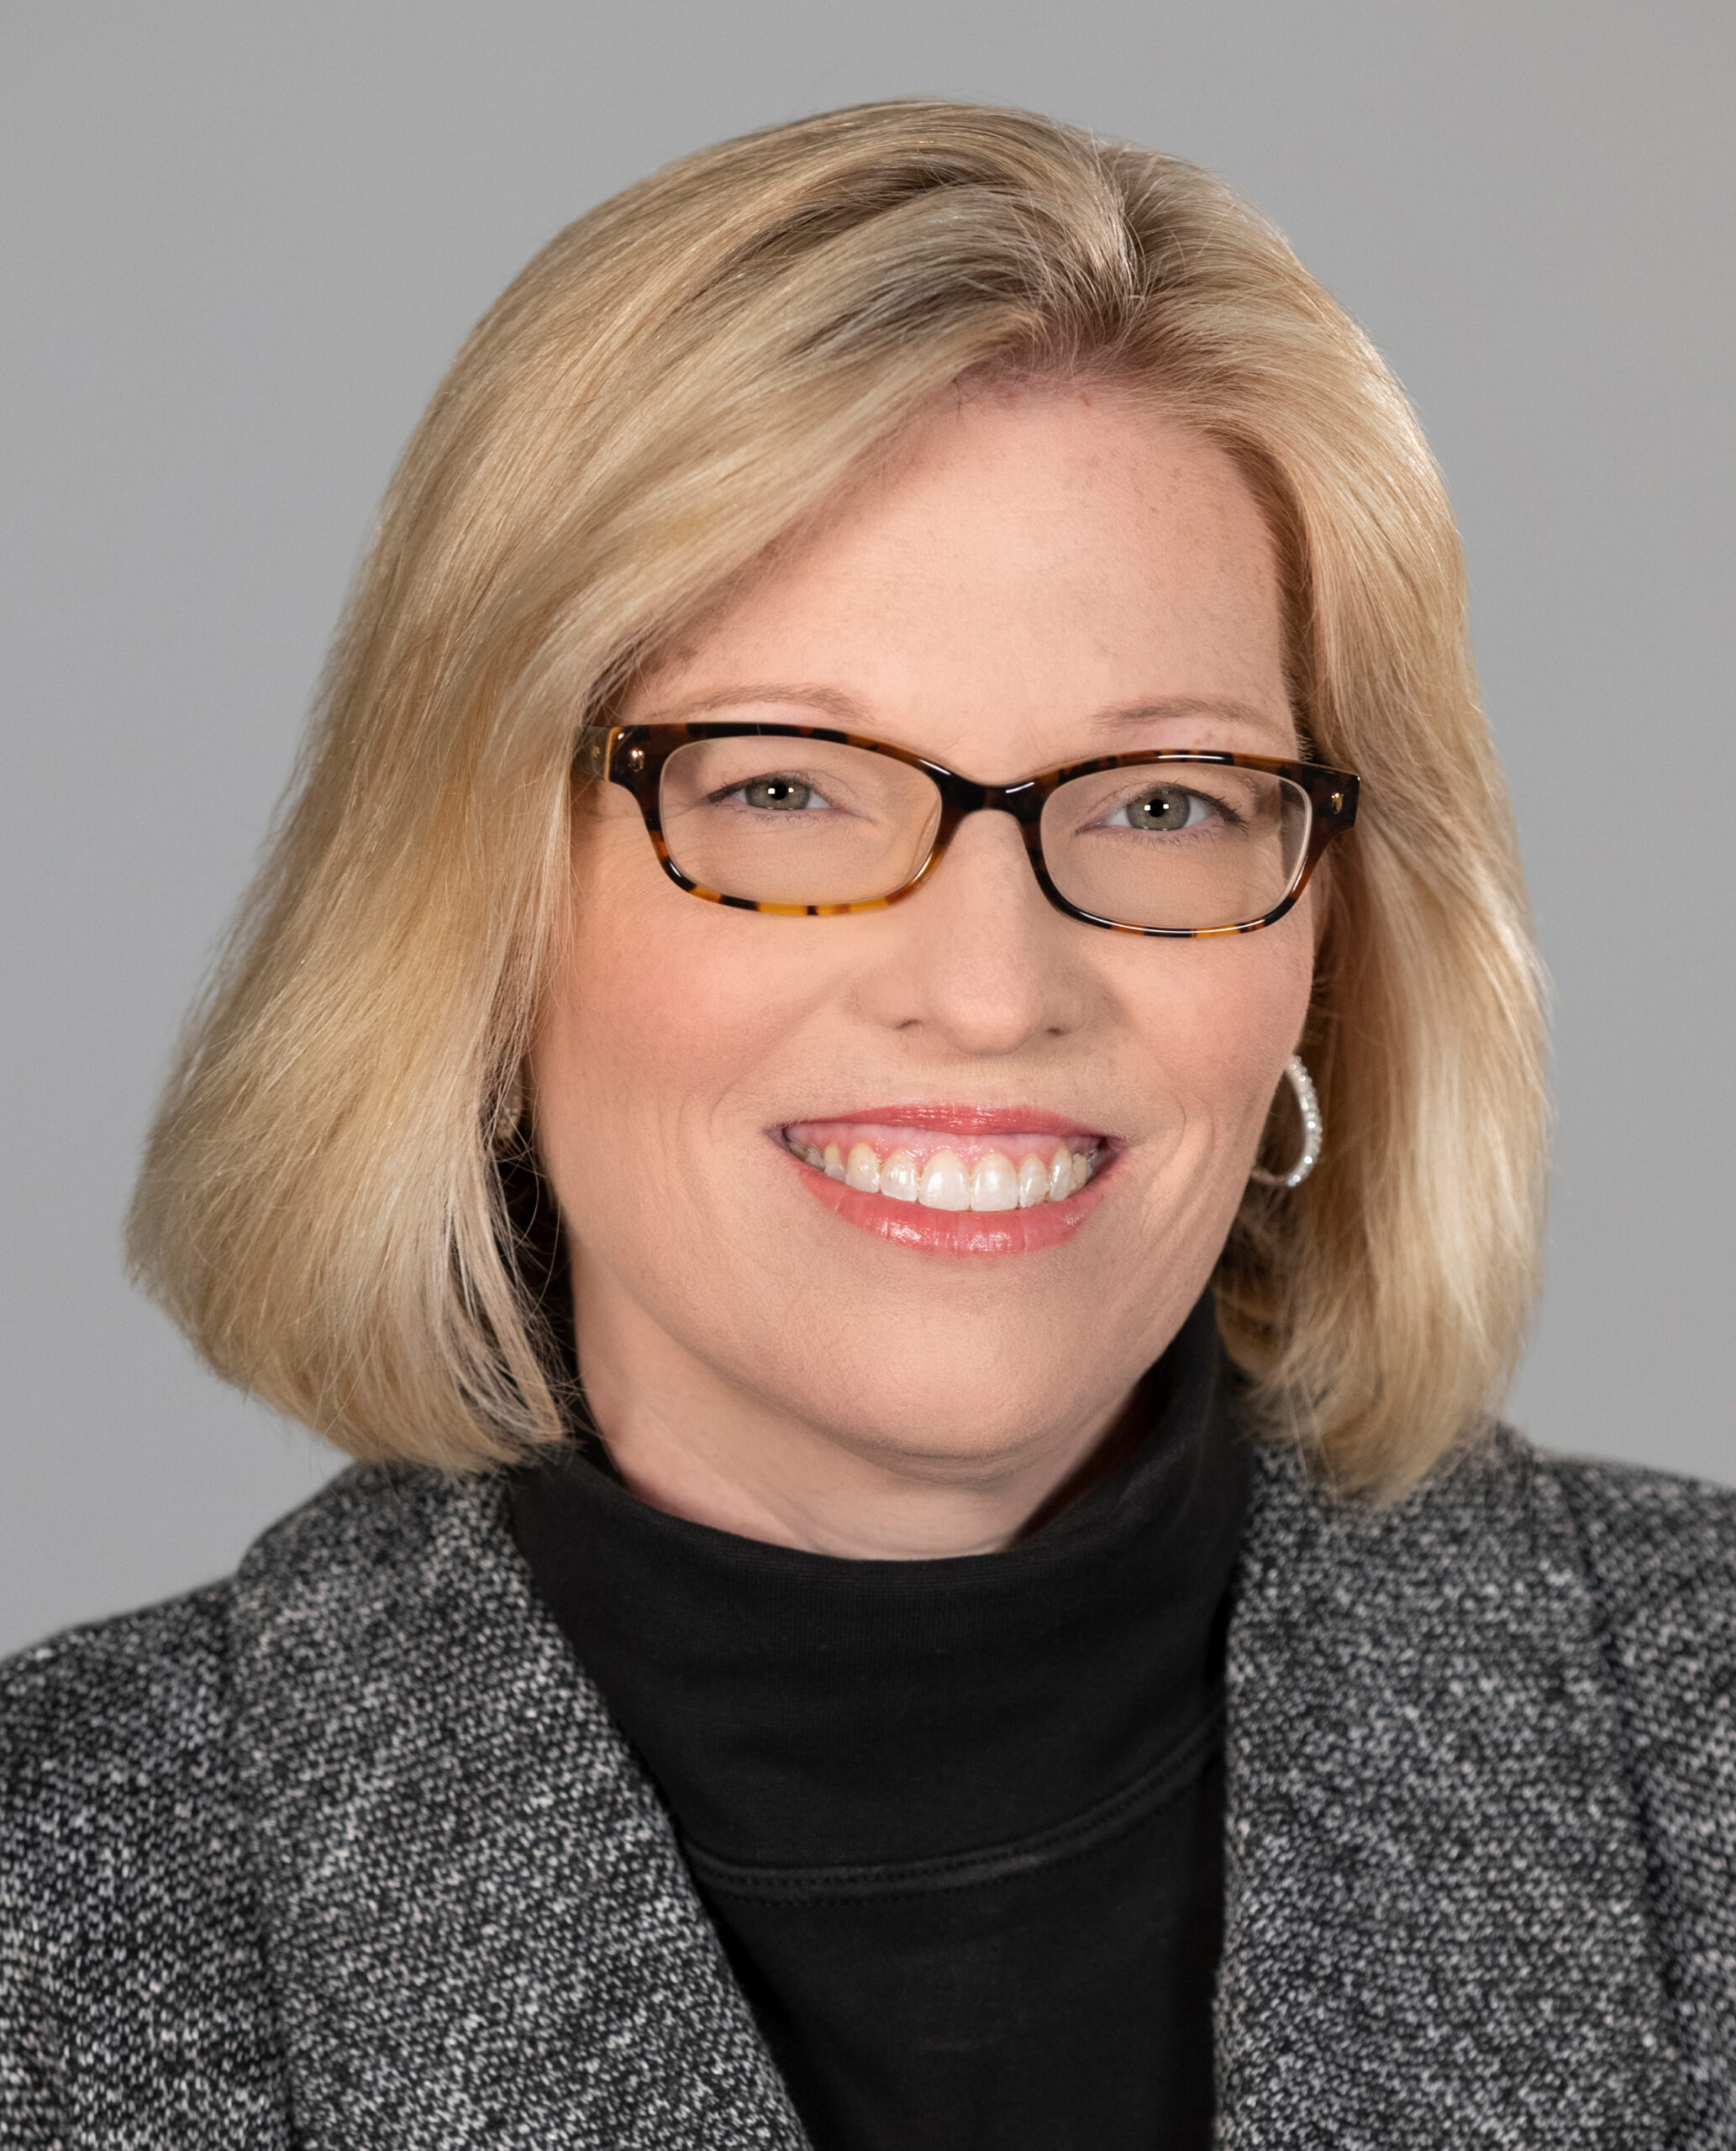 Sabrina Osborne Headshot Crop